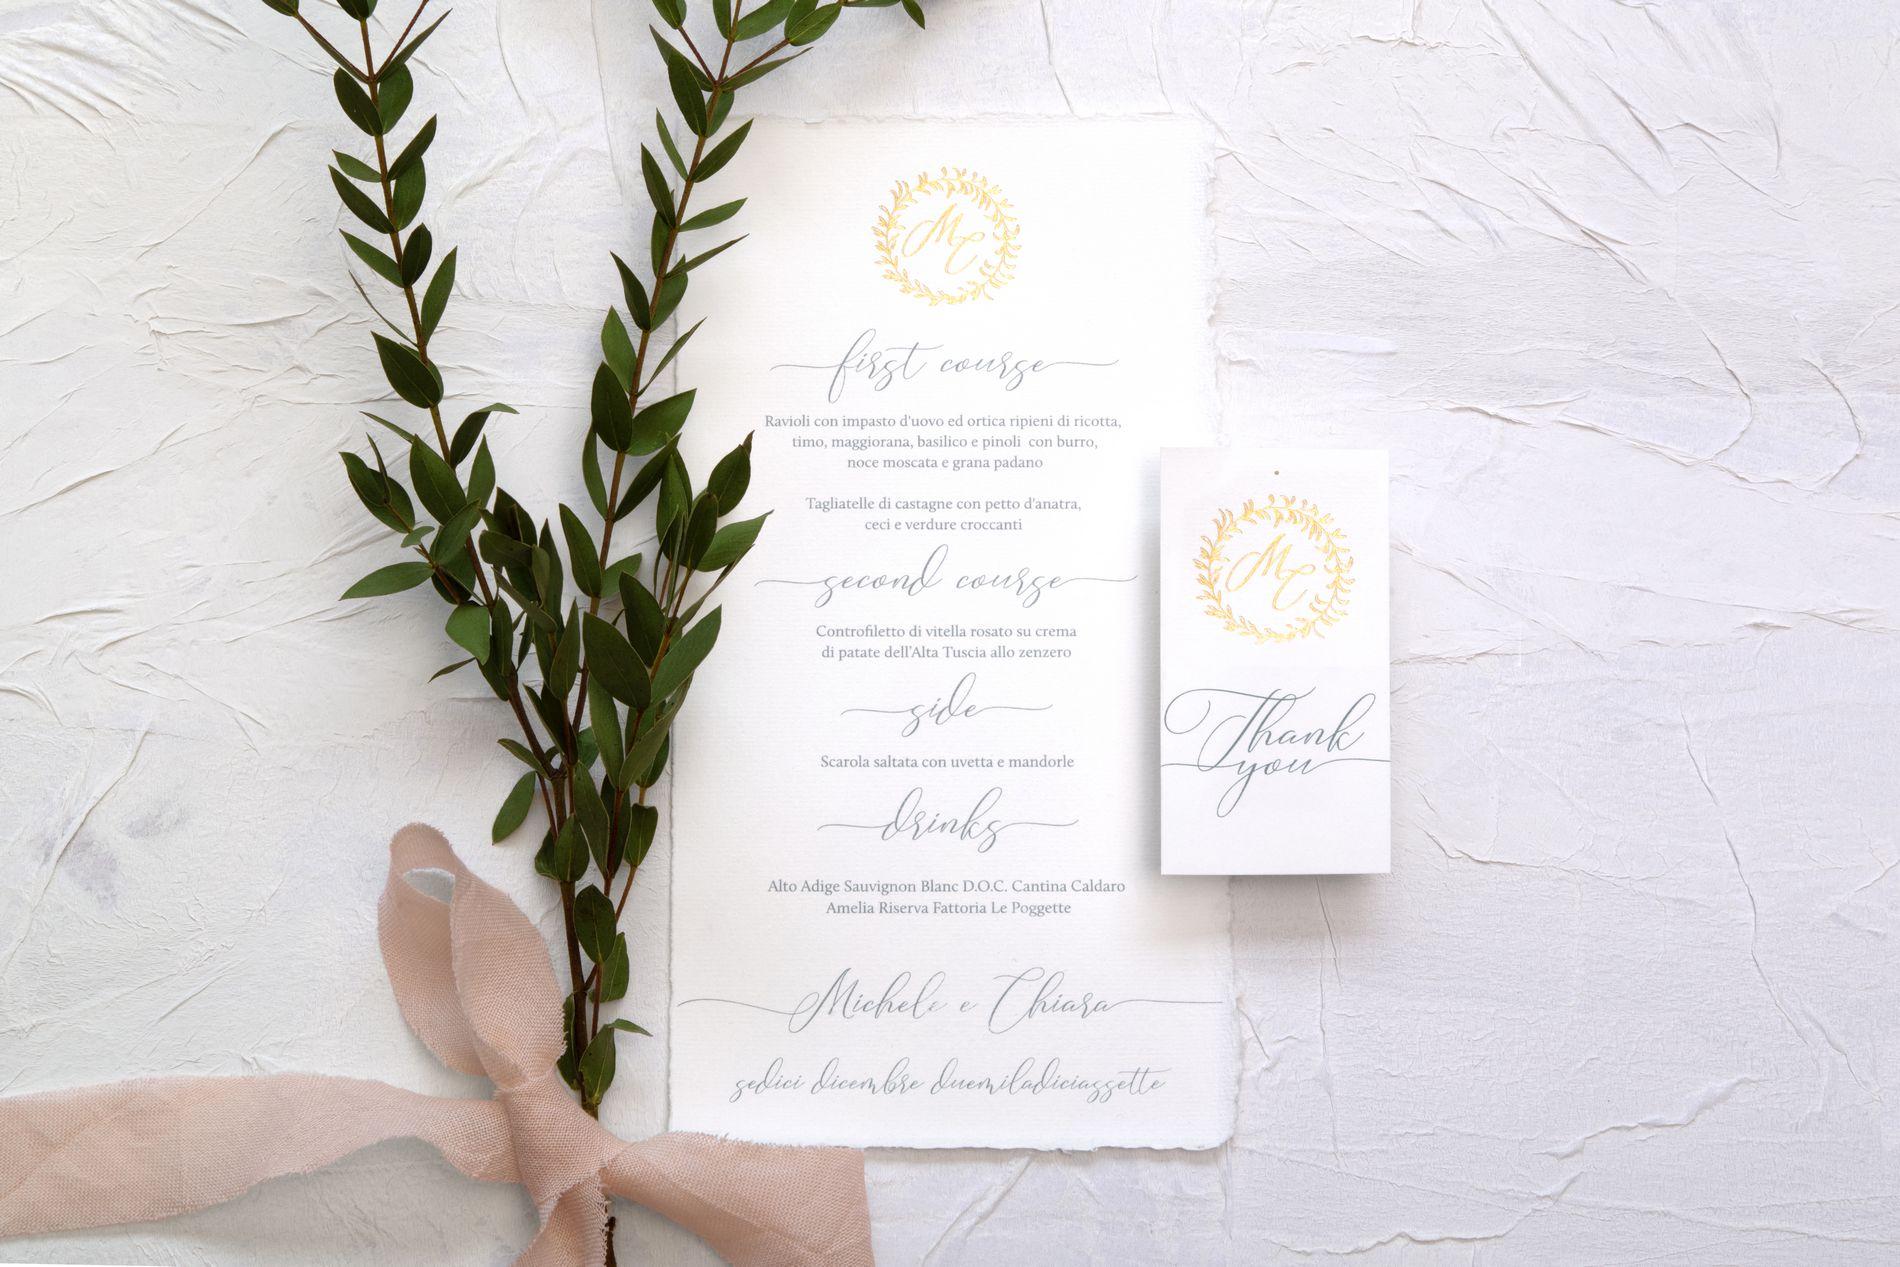 Nostroinchiostro – Wedding Michele e Chiara – 2